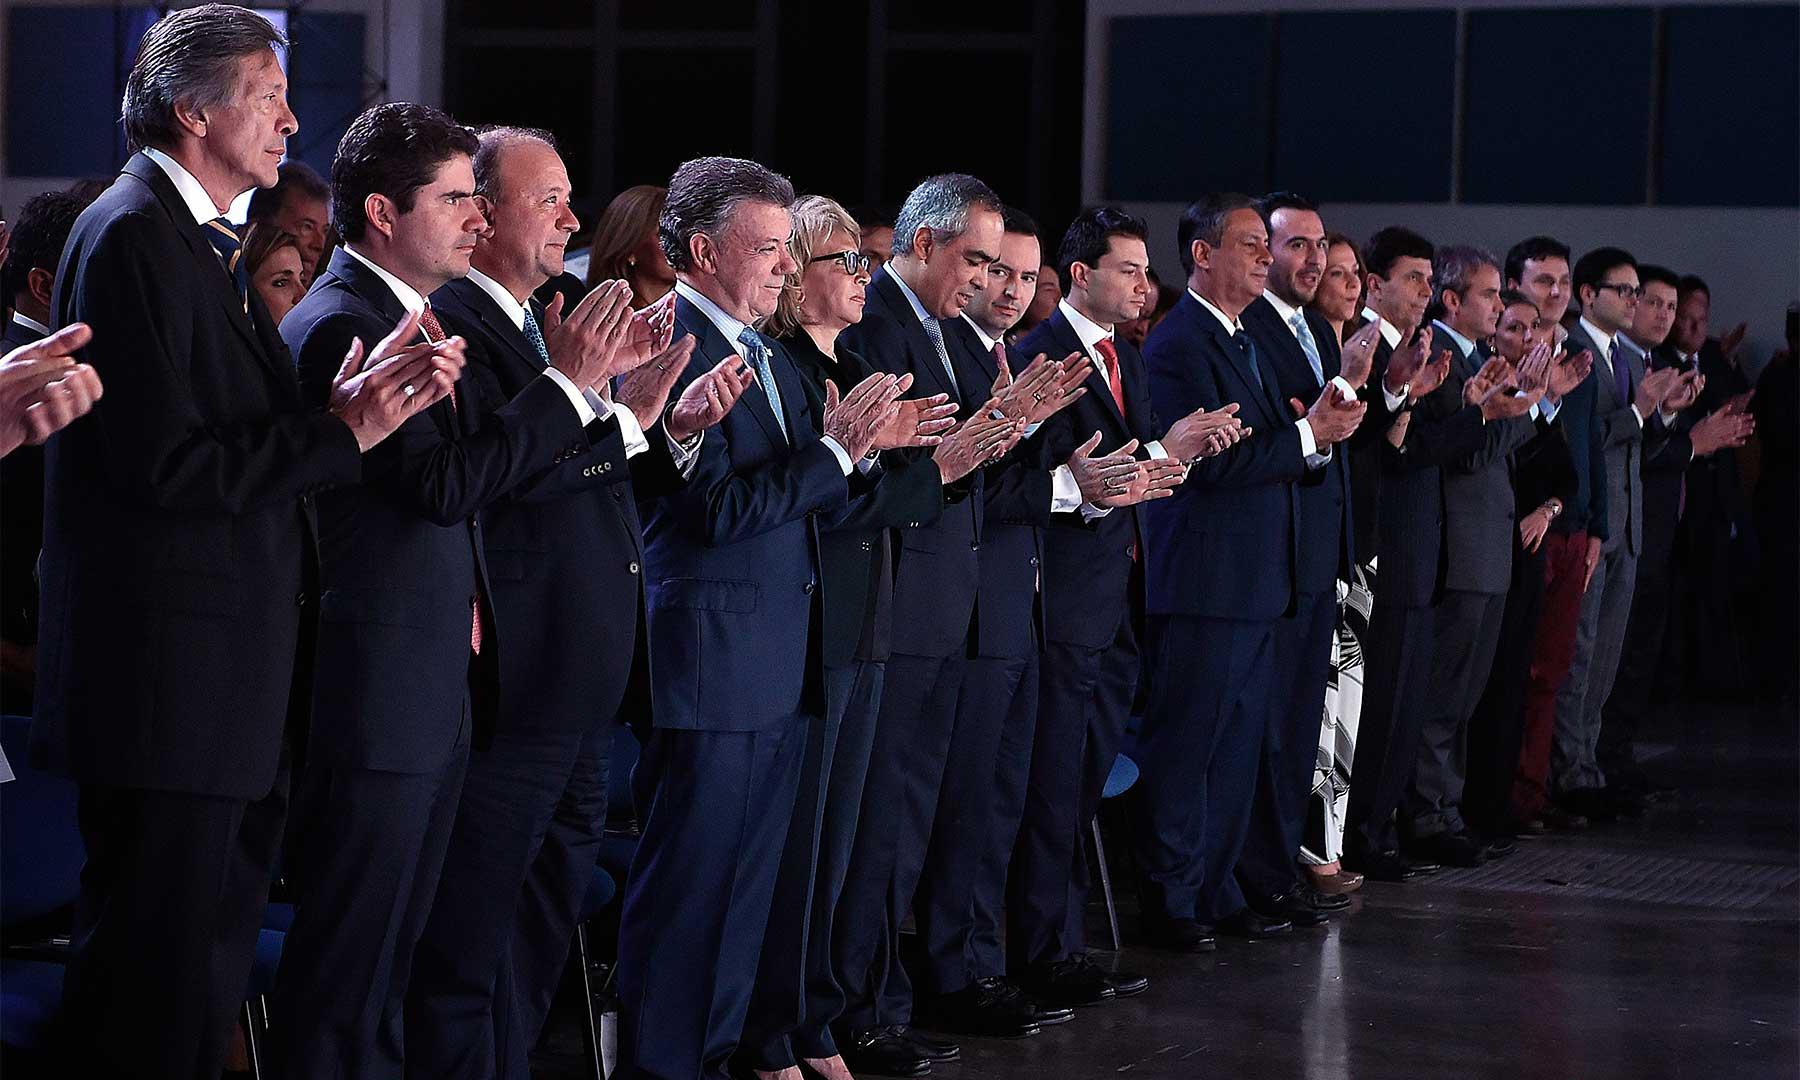 El Presidente Santos asiste a la conmemoración de los 90 años de la Cámara de Comercio de Pereira, acompañado por los ministros de Comercio y Defensa, y funcionarios de alto rango del Gobierno.